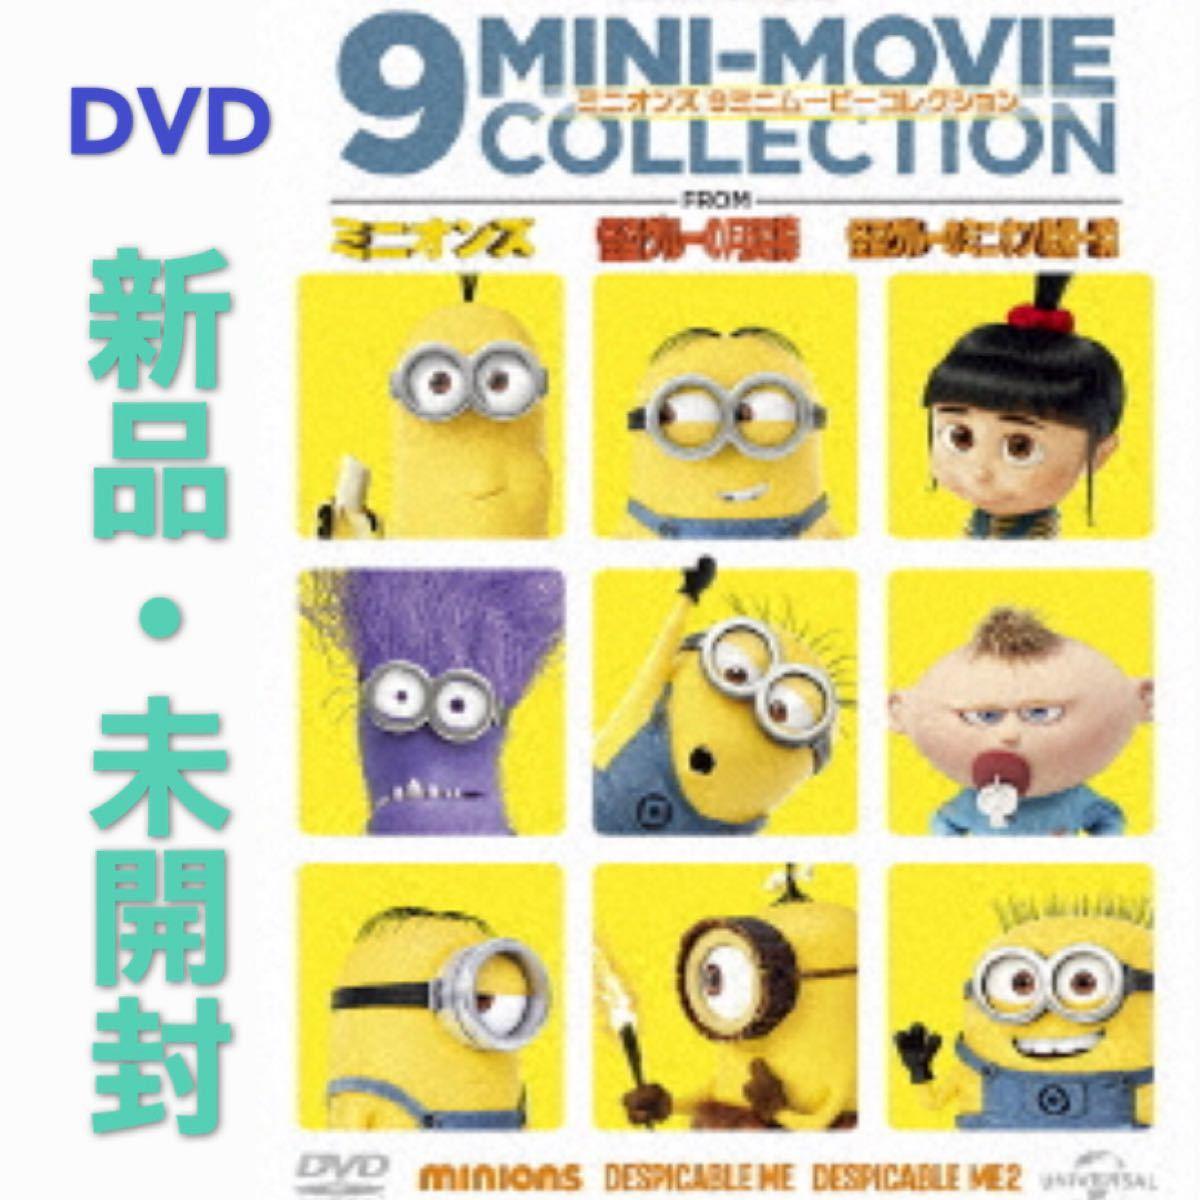 DVD ミニオンズ 9ミニ・ムービー・コレクション 新品・未開封